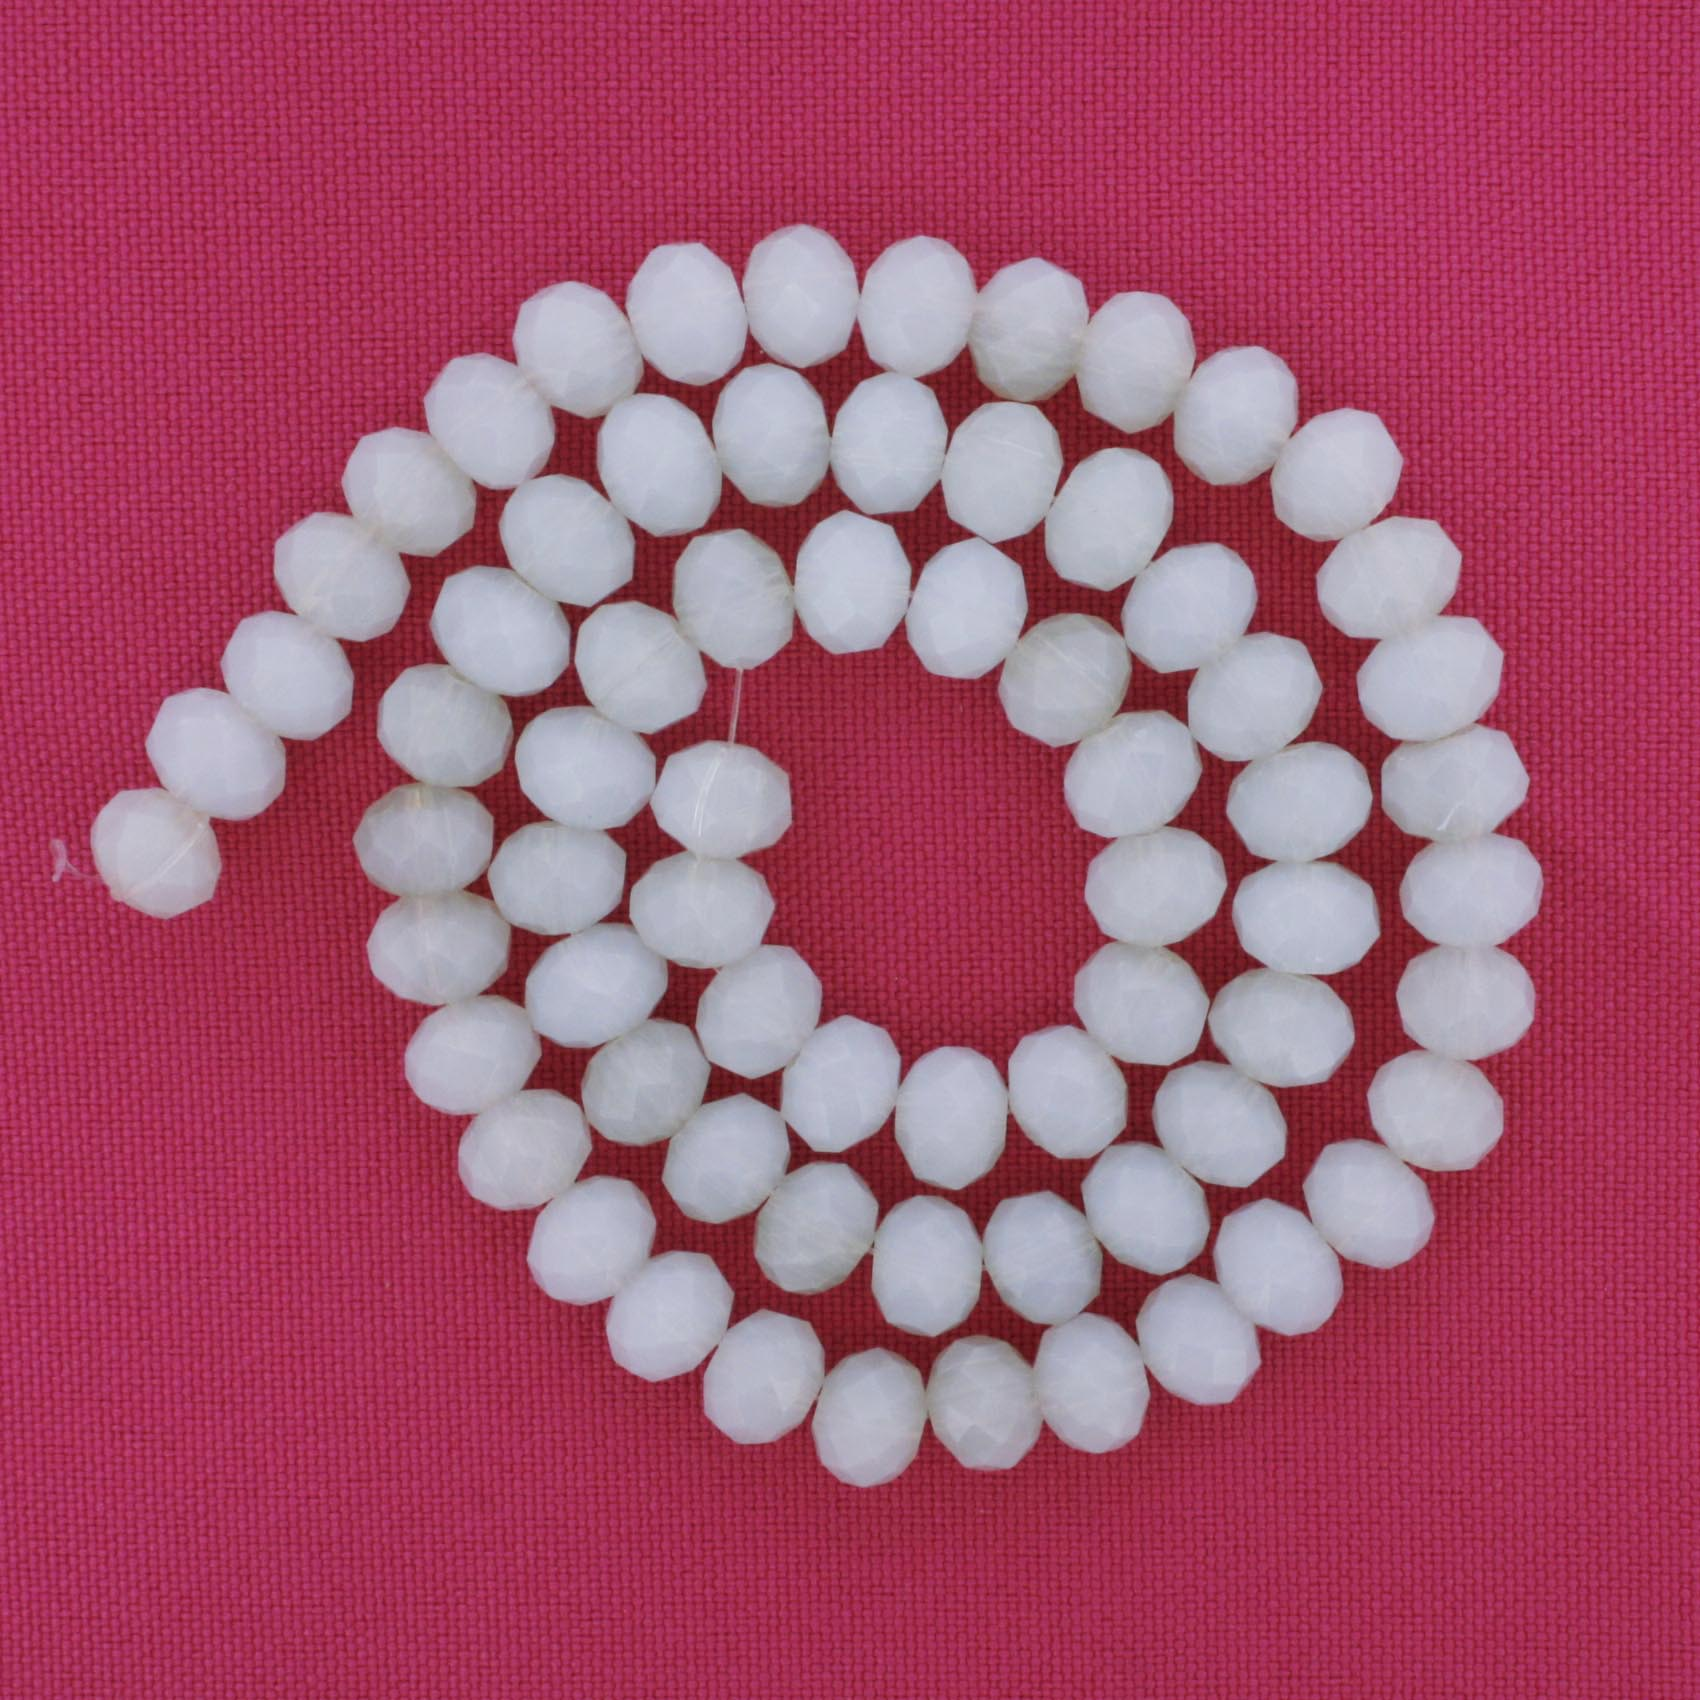 Fio de Cristal - Flat® - Branco Opaco - 8mm  - Stéphanie Bijoux® - Peças para Bijuterias e Artesanato